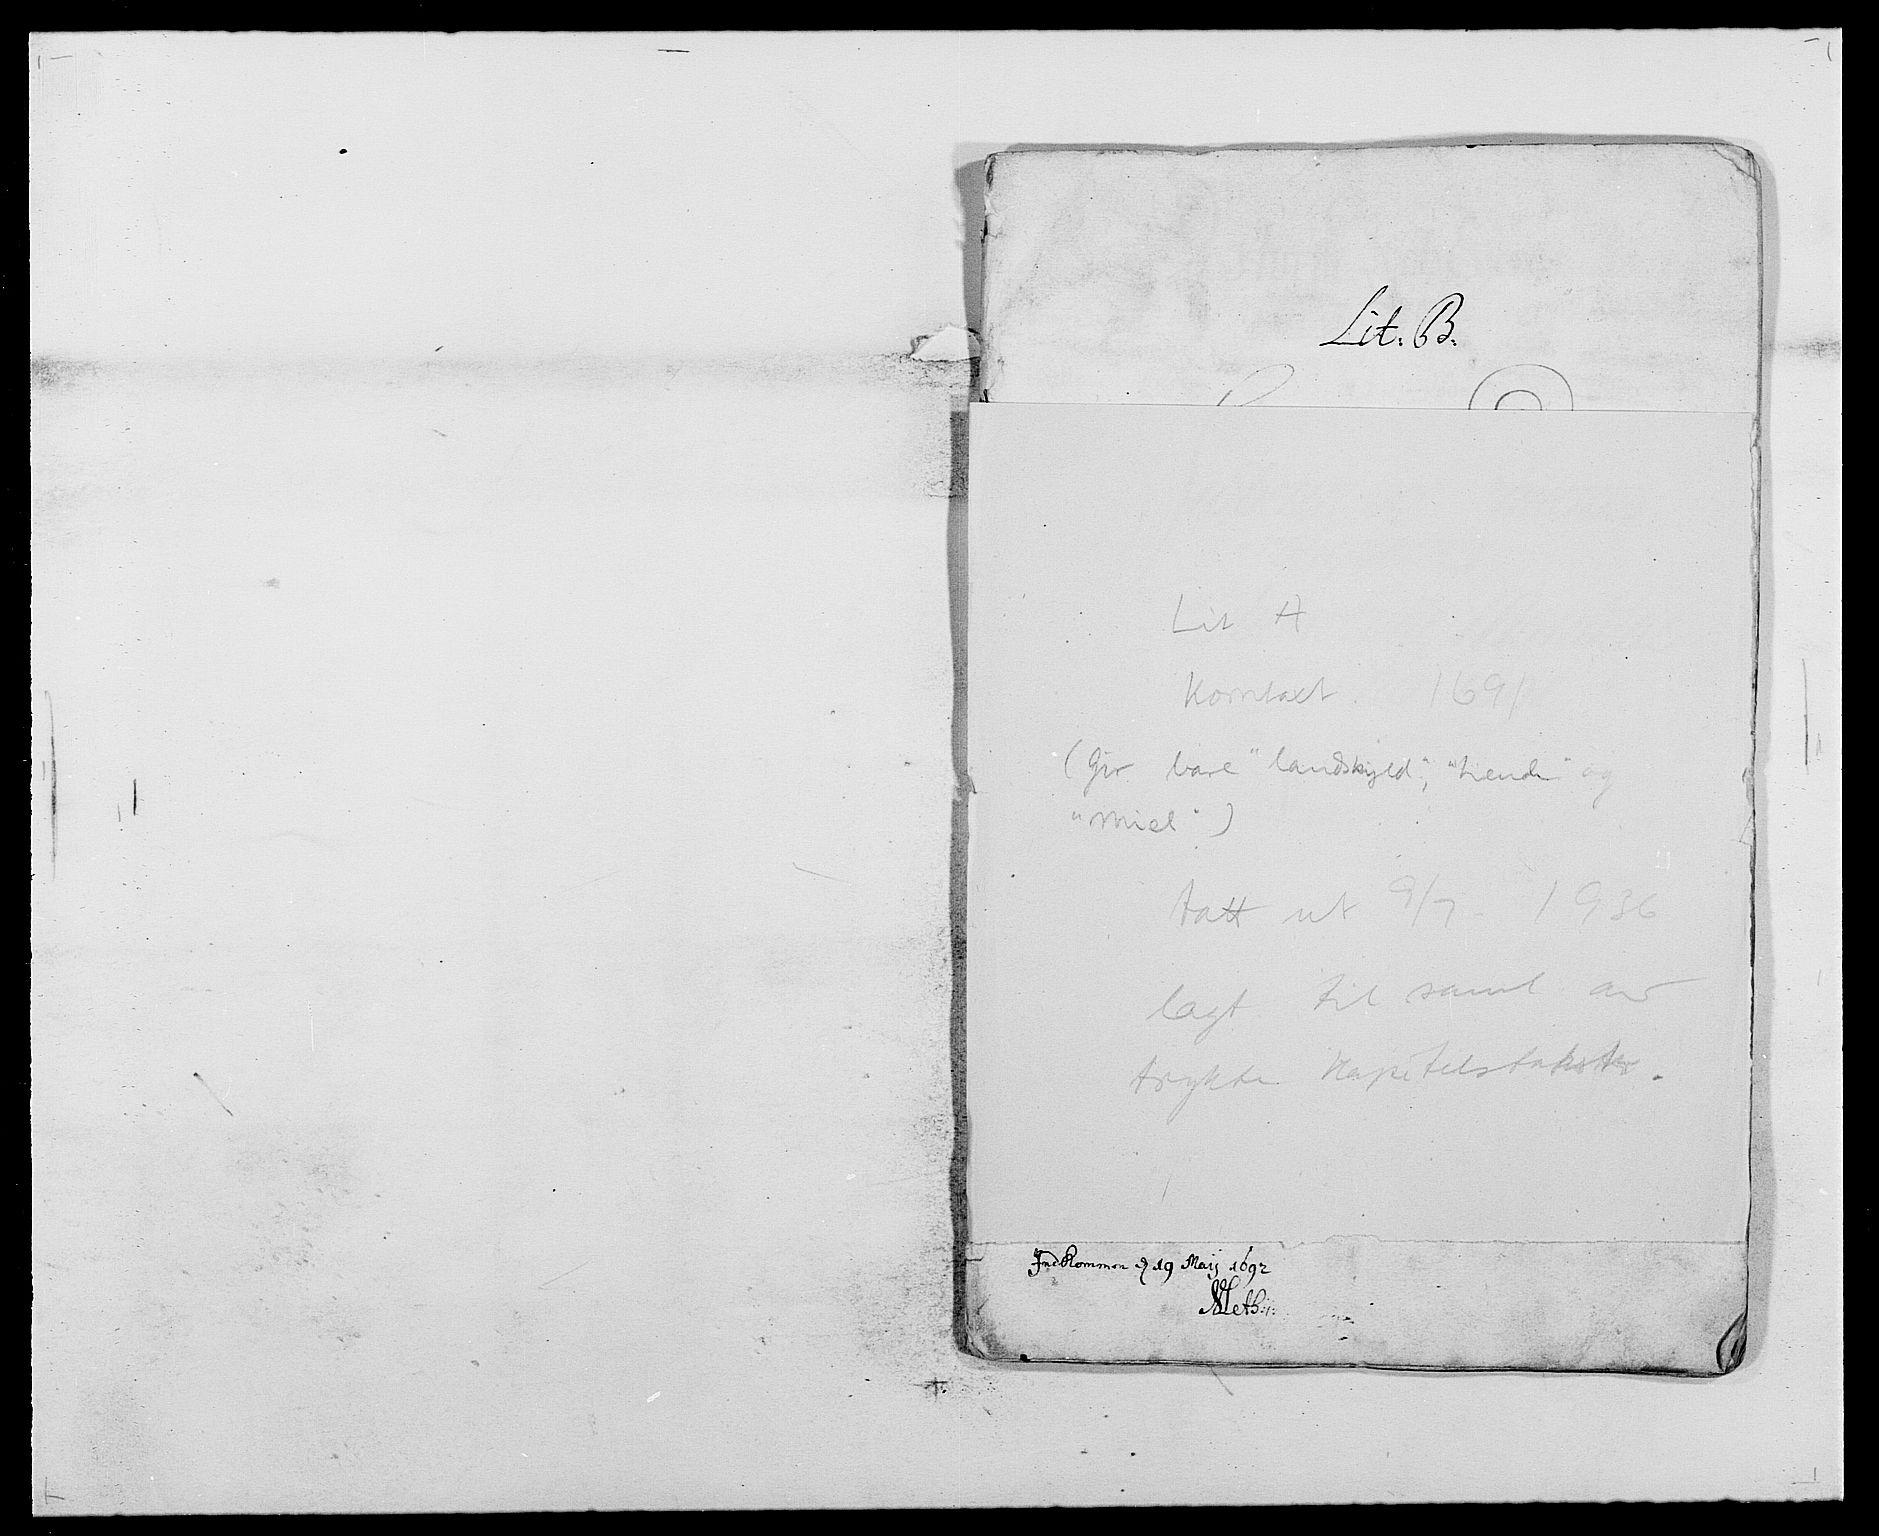 RA, Rentekammeret inntil 1814, Reviderte regnskaper, Fogderegnskap, R46/L2727: Fogderegnskap Jæren og Dalane, 1690-1693, s. 77